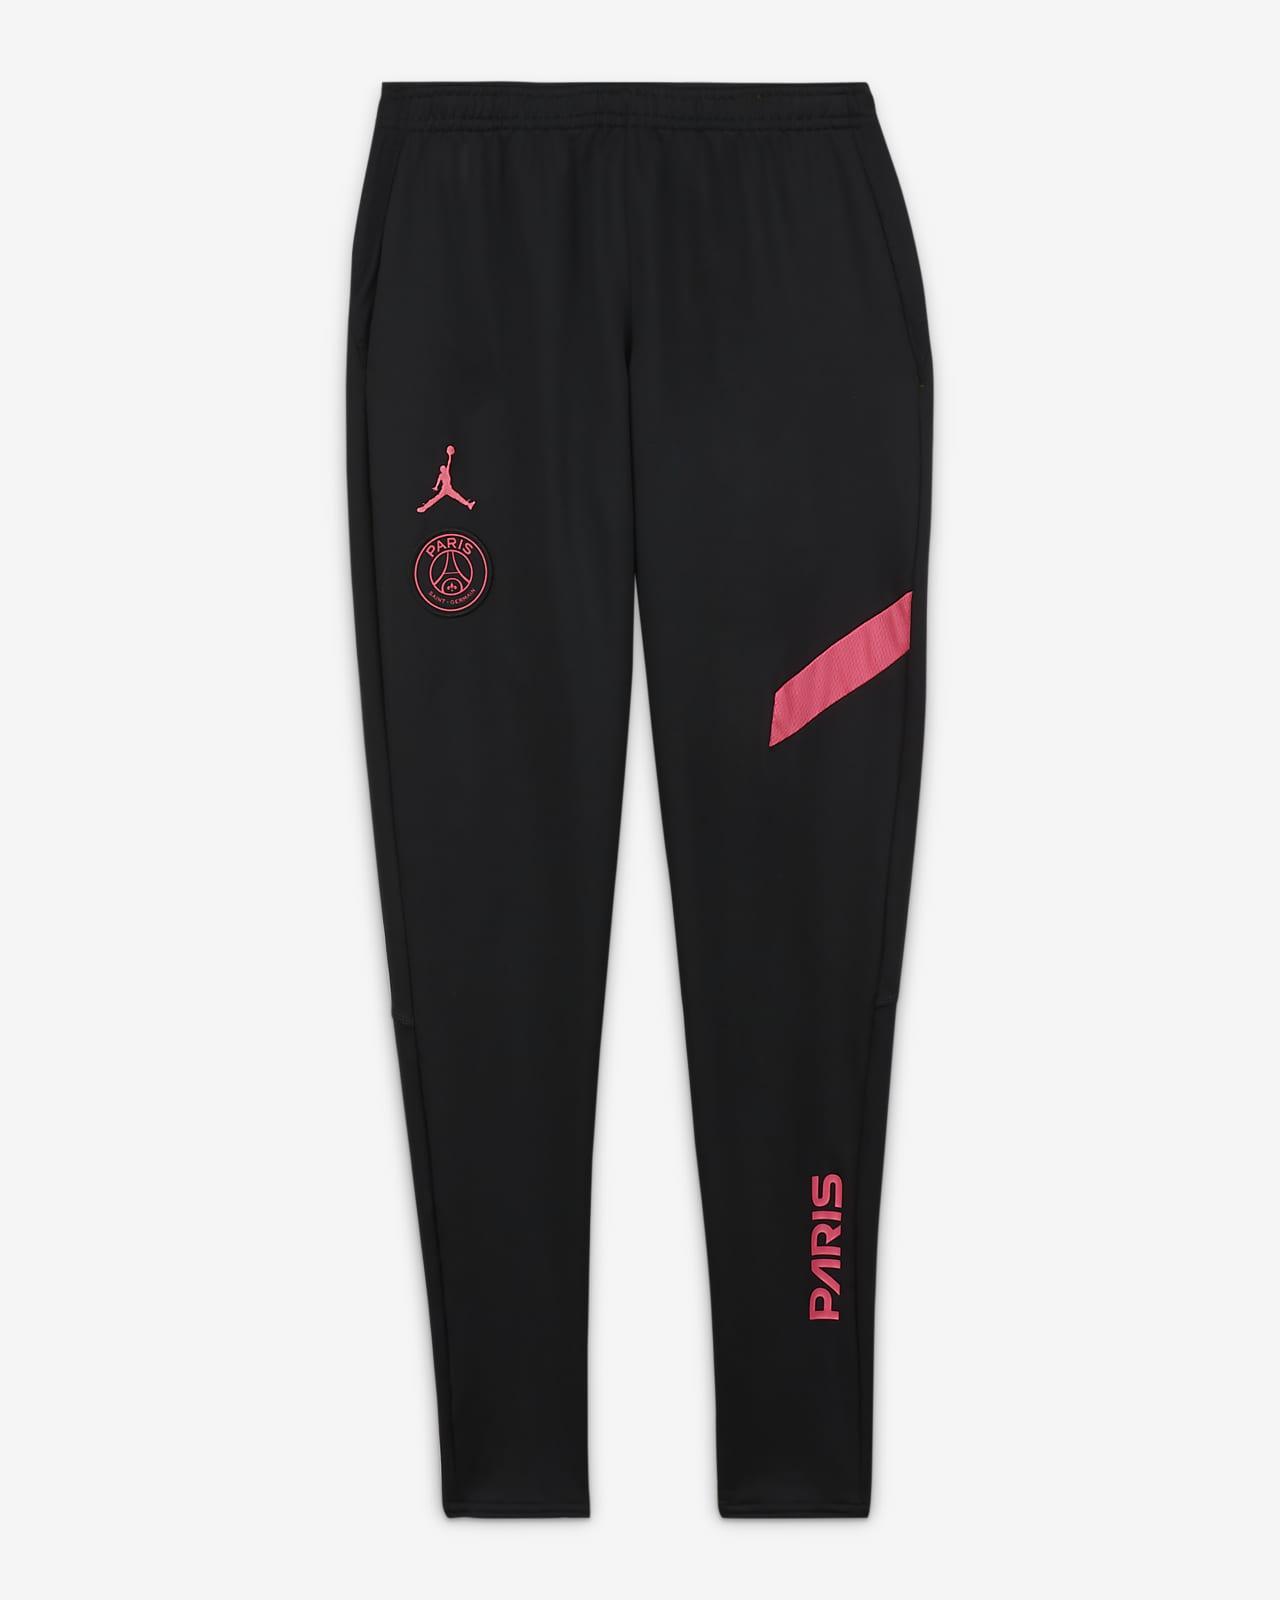 Pantalones de fútbol tejidos para mujer Paris Saint-Germain Academy Pro